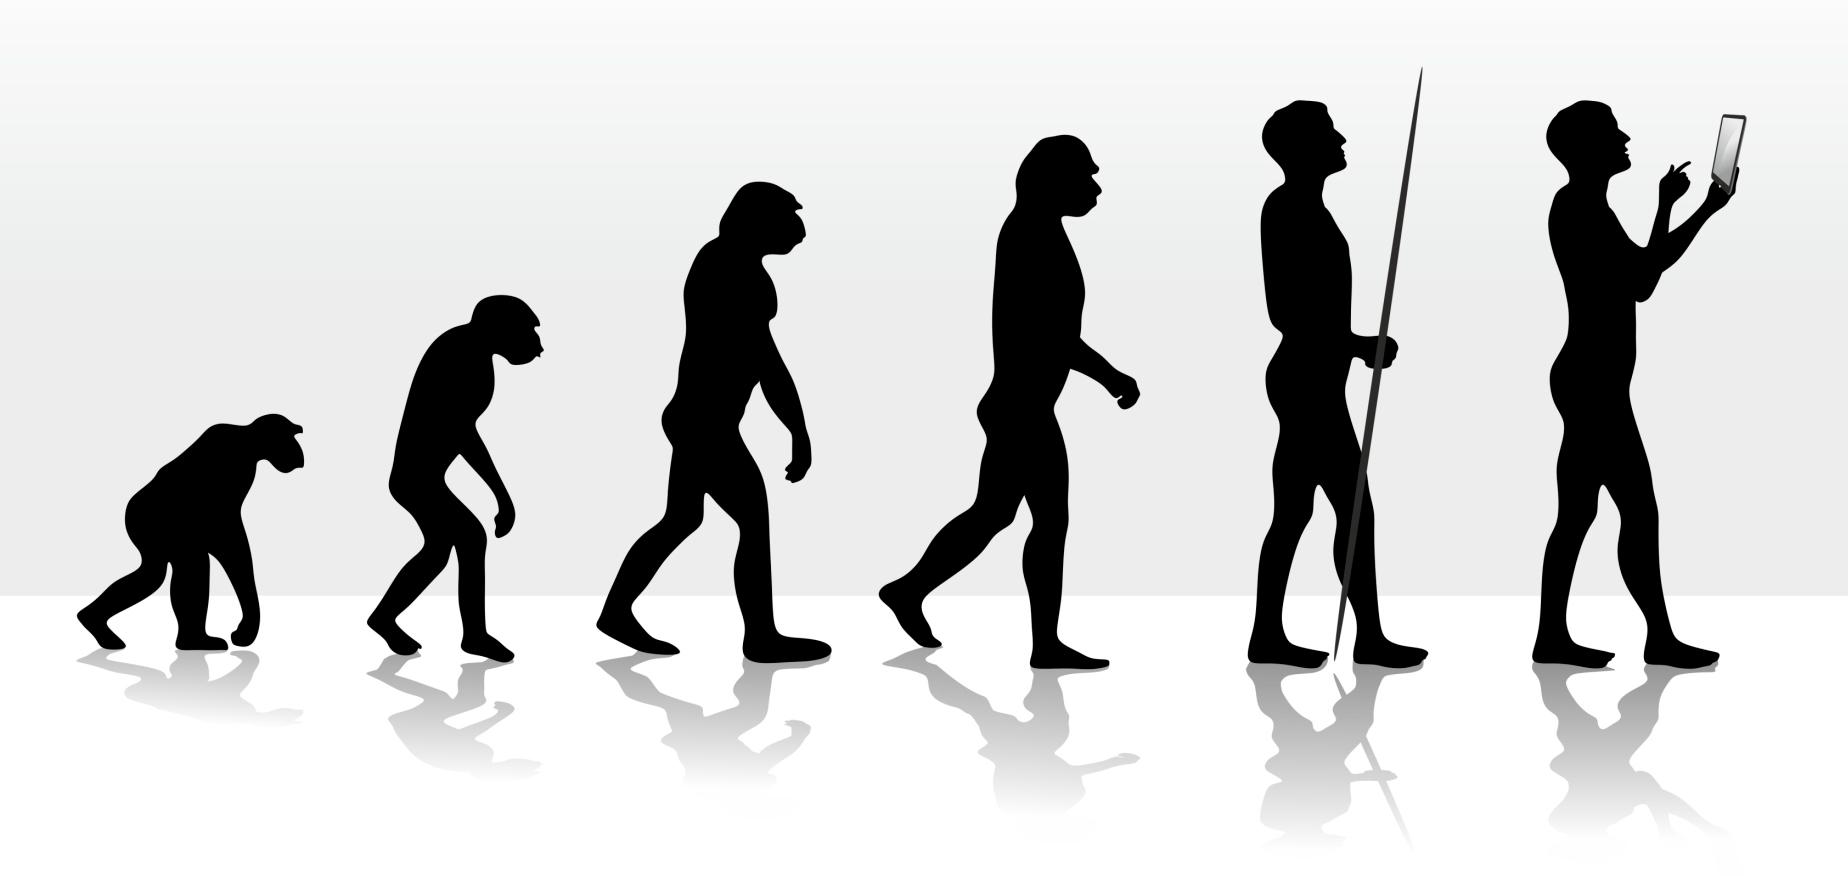 настолько картинка про эволюцию человека директор